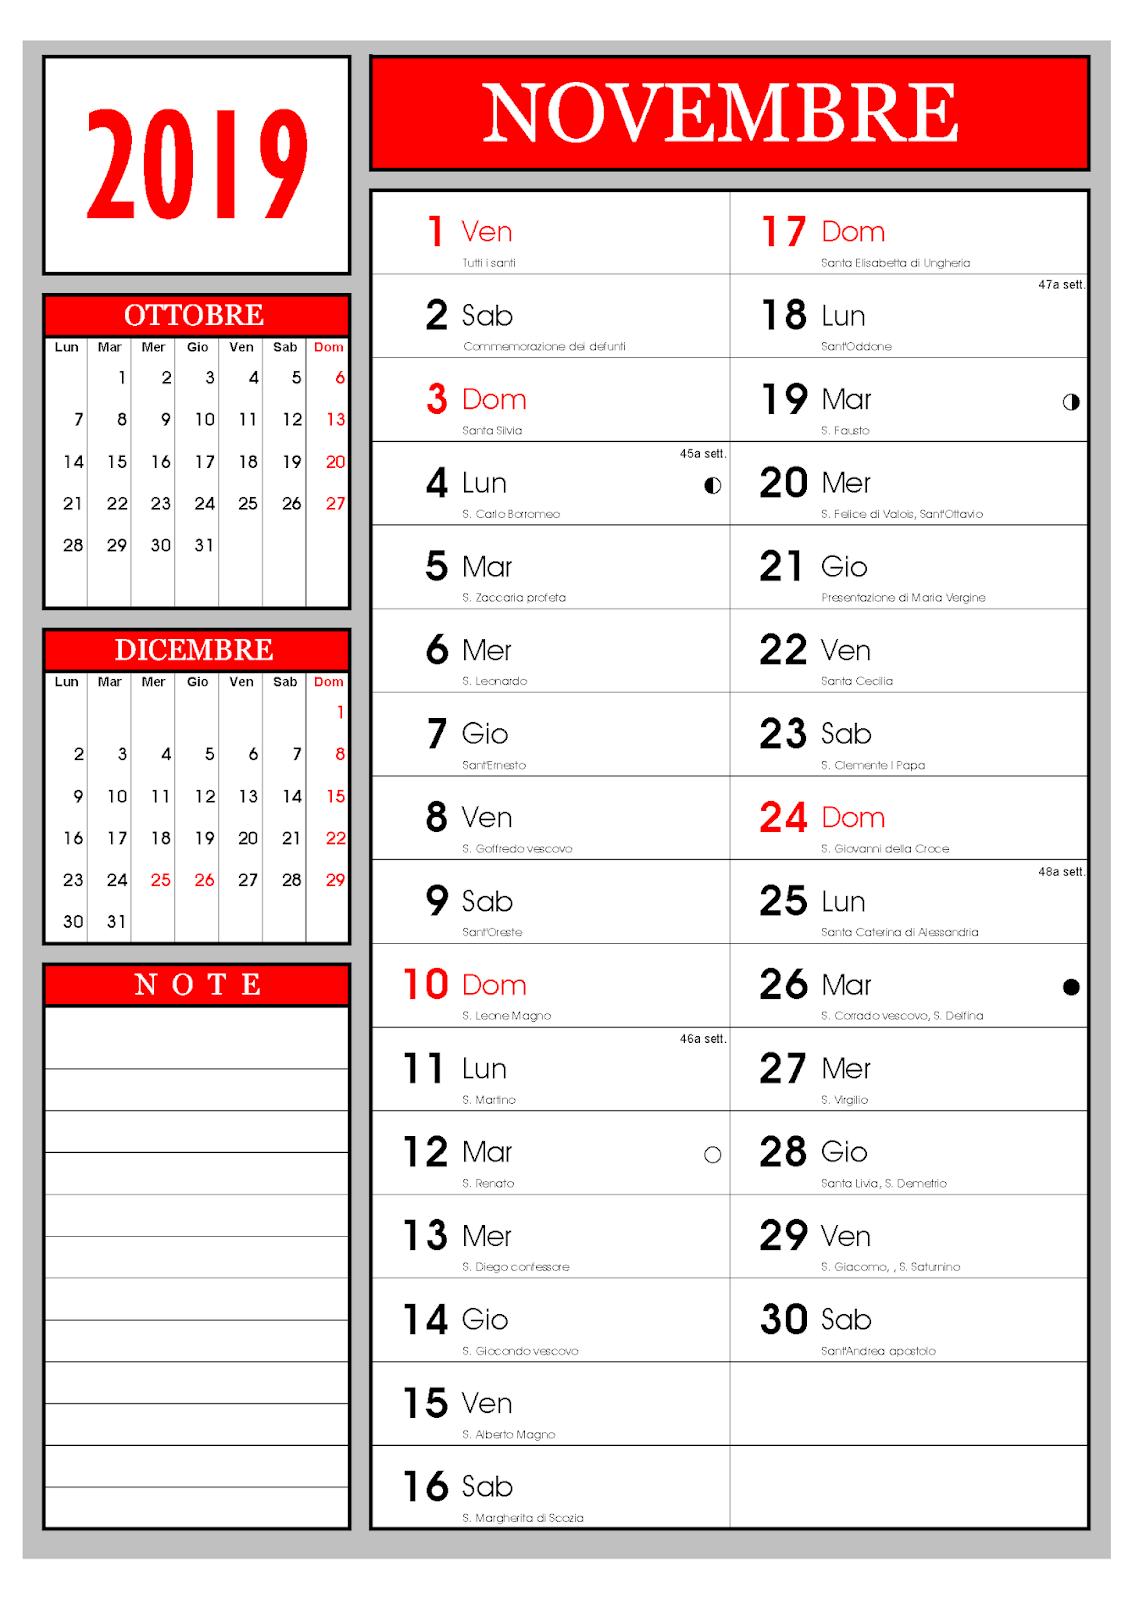 Calendario Calendario Mensile Novembre 2019